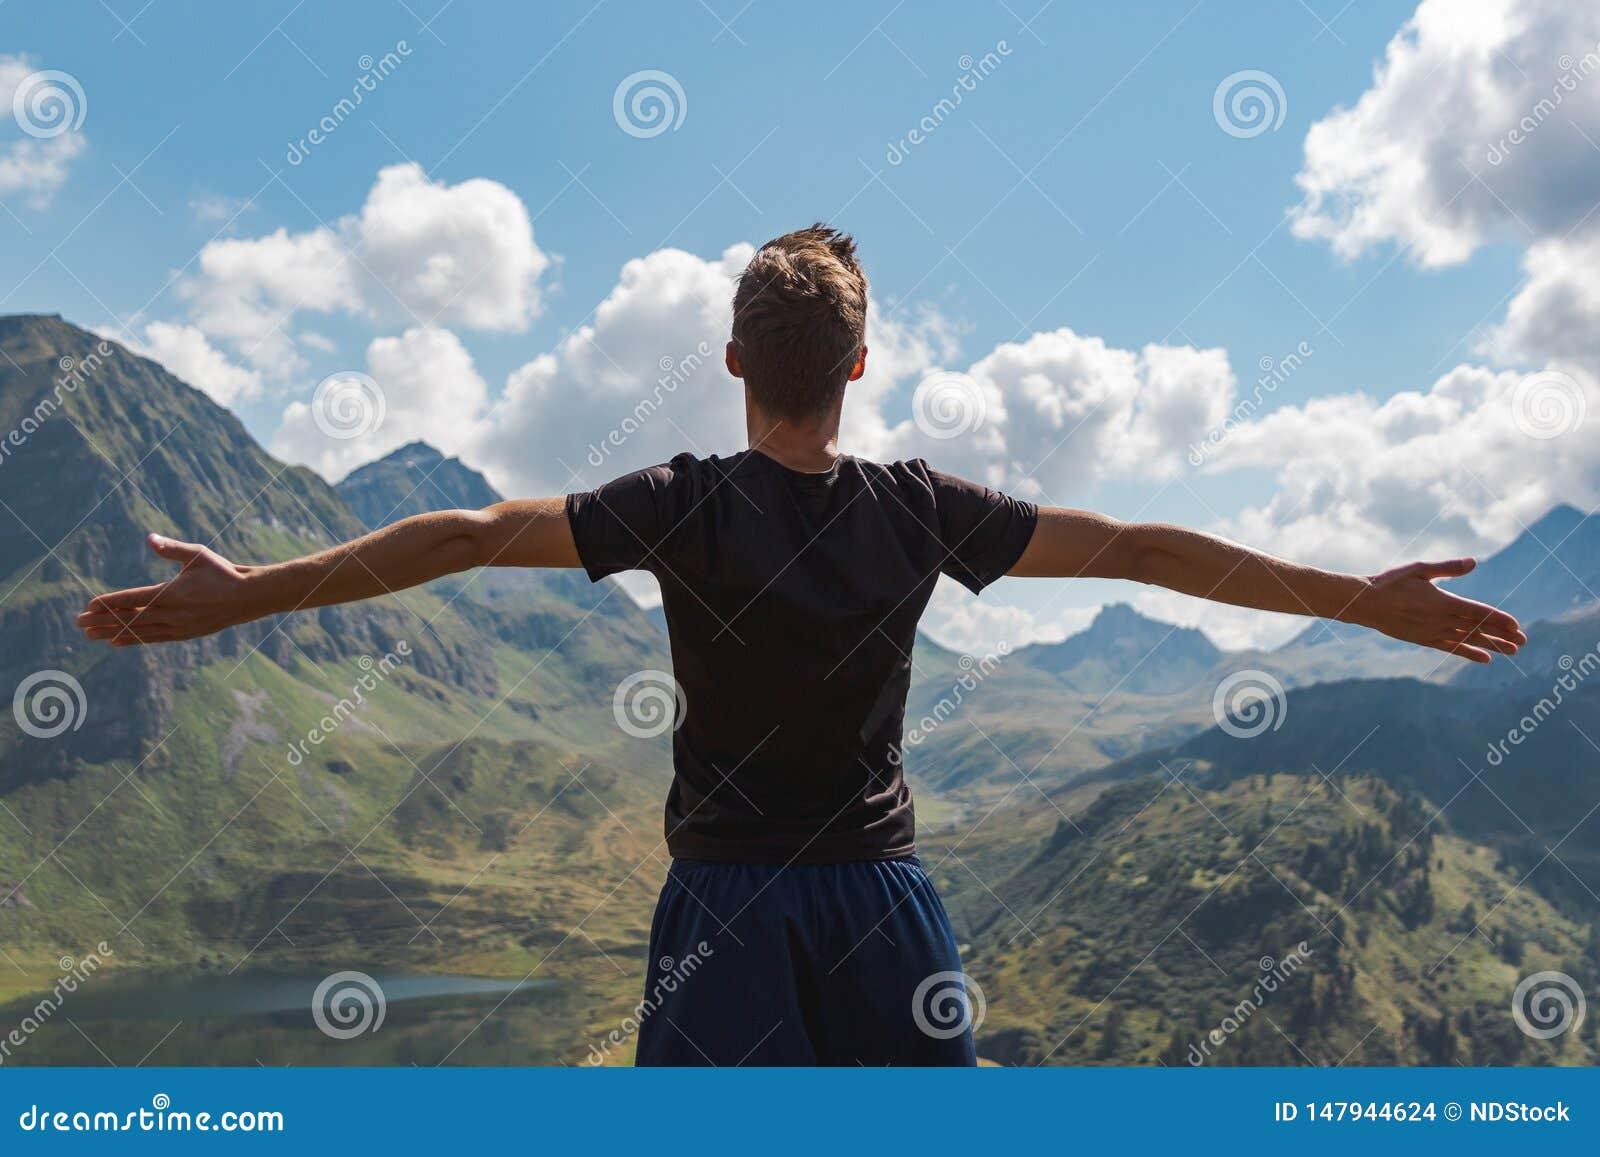 Os braços de homem de jovens levantaram a apreciação da liberdade nas montanhas durante um dia ensolarado